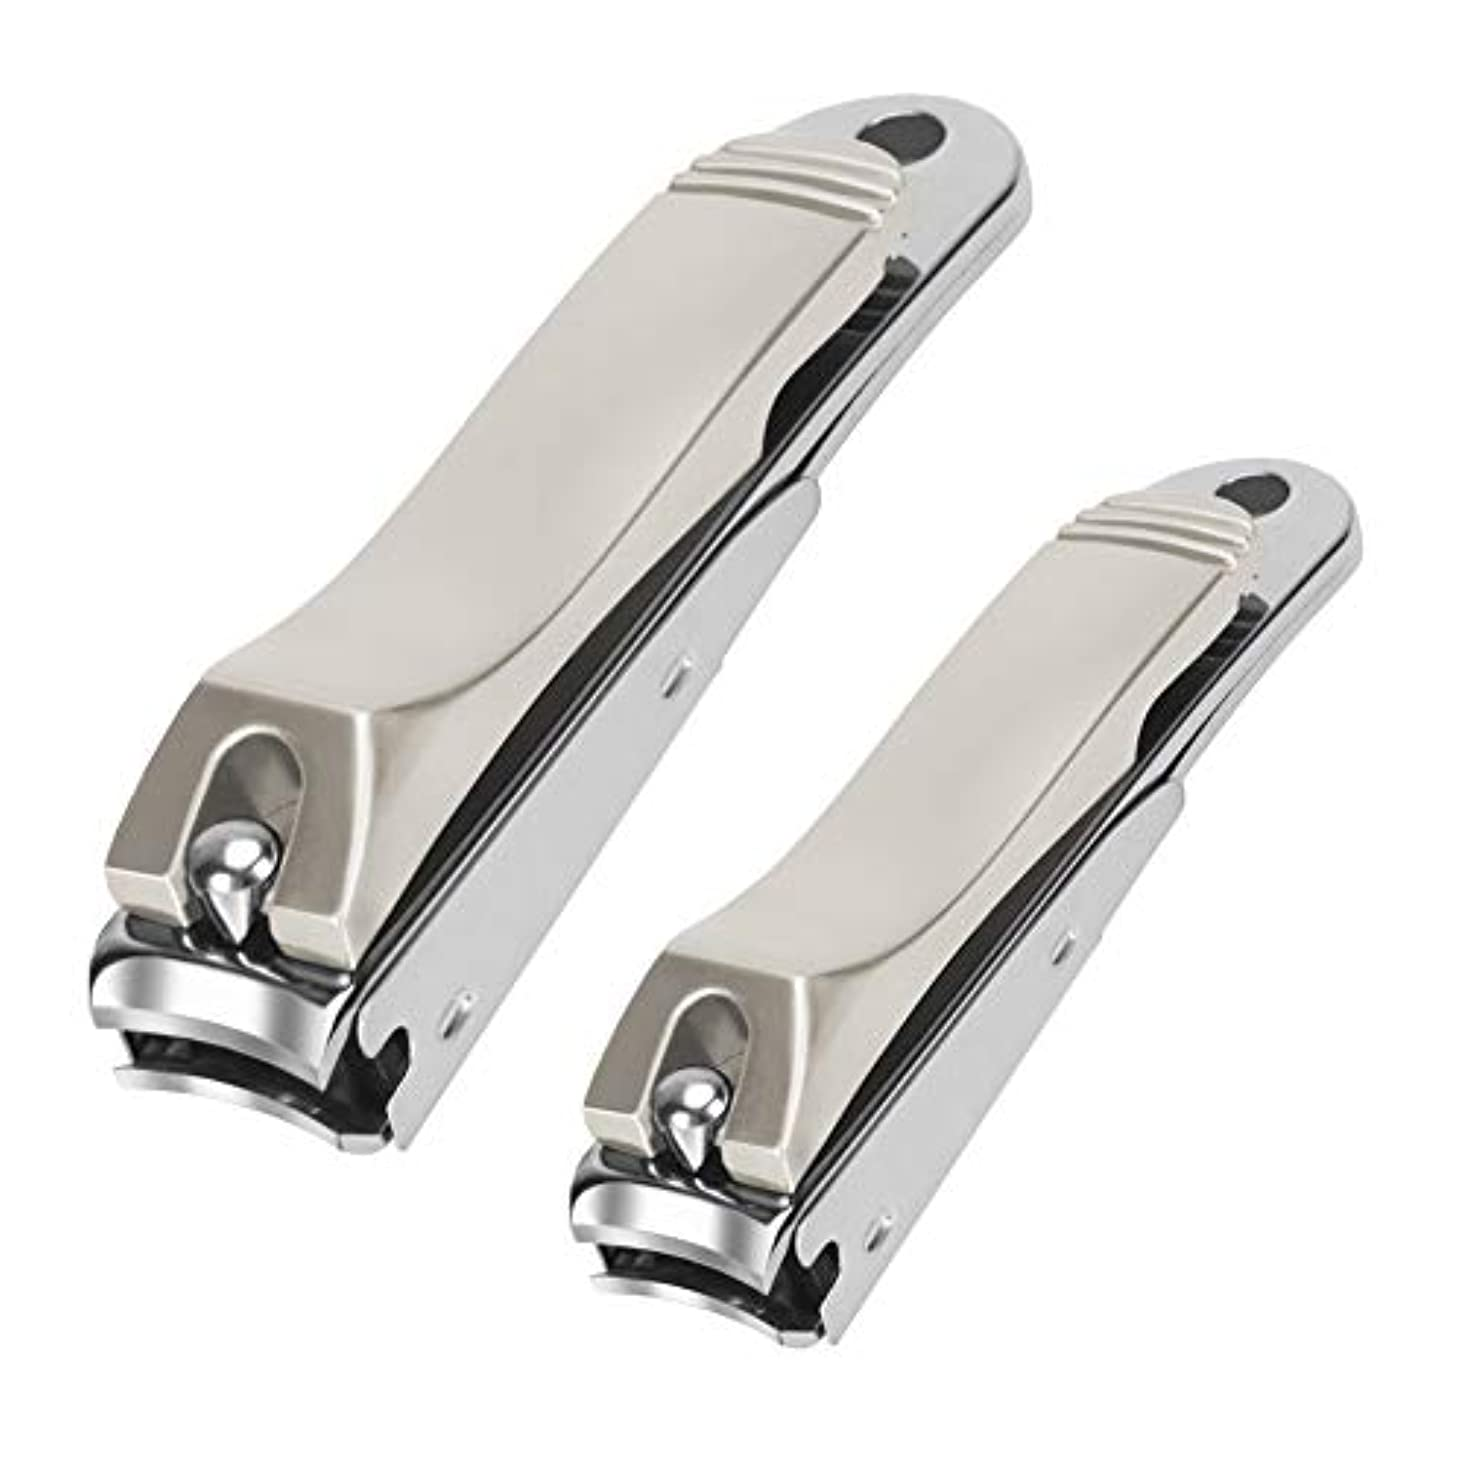 解明する恐ろしいリビングルームQpai爪切り カバー付き ステンレス鋼製 爪やすり付き 飛び散り防止